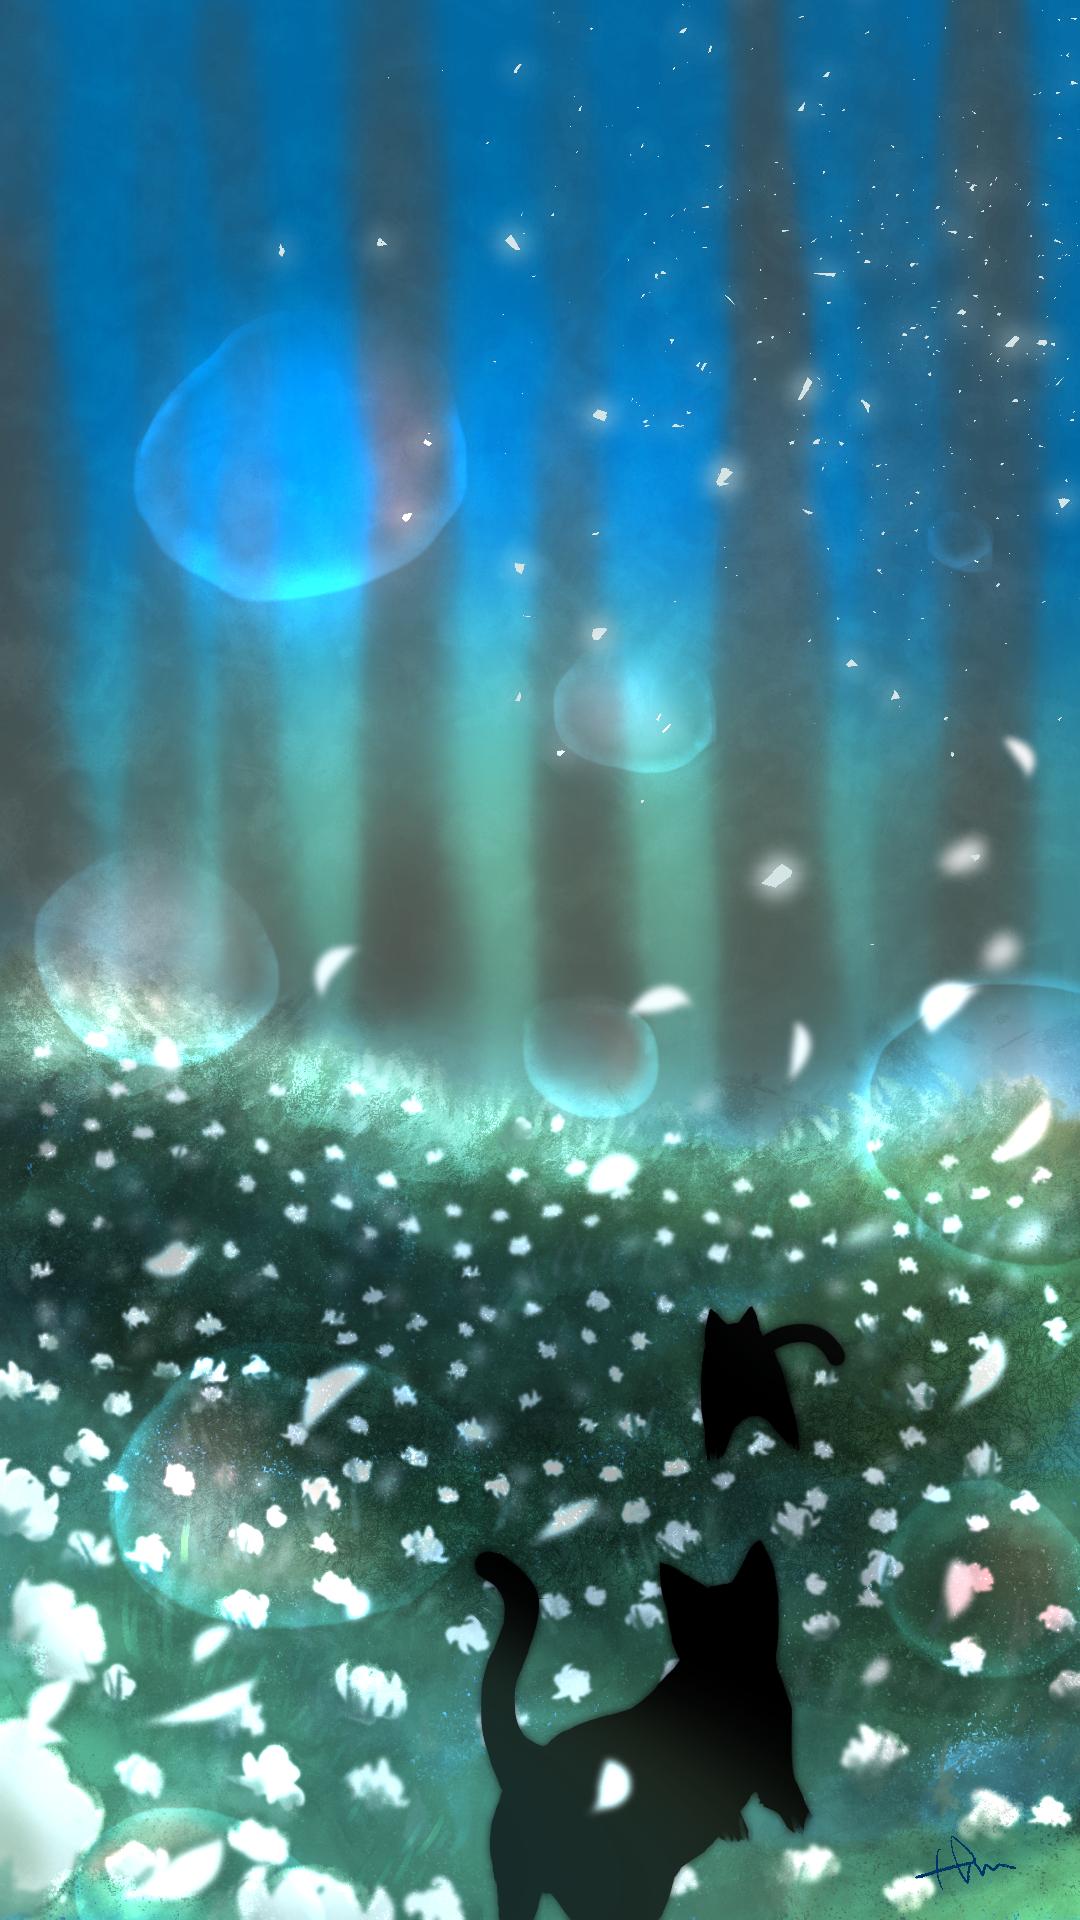 スマホ用壁紙魔法の森の2匹の黒猫夜明け前-Wallpaper 2 black cats in the magical forest before dawn